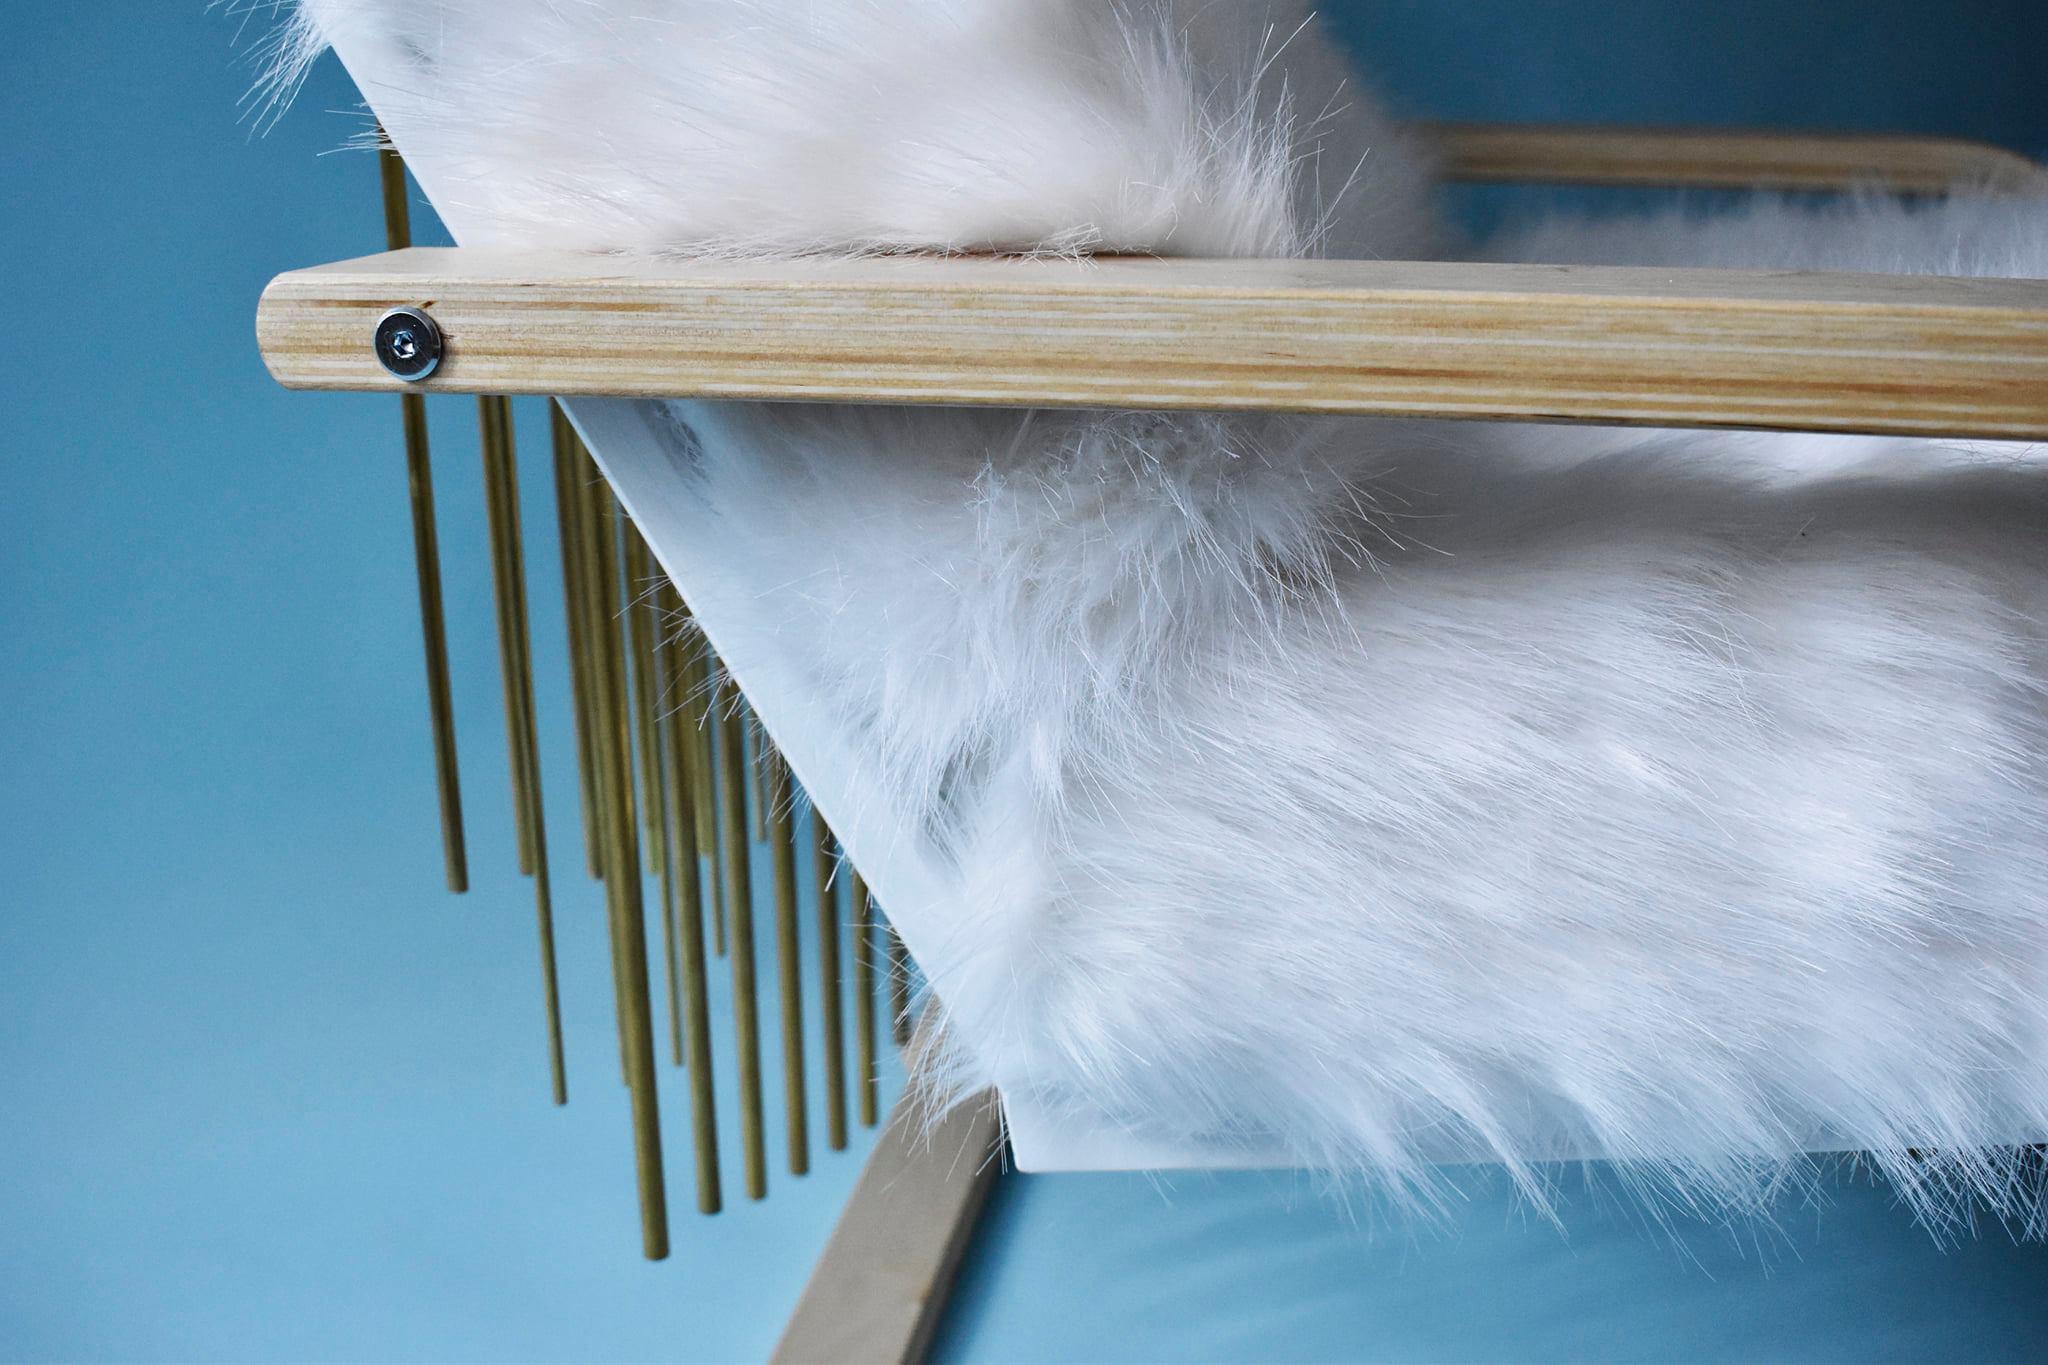 Fotoliul Sunday este construit pe o structură care balansează în momentul așezării, balansare care pune în mișcare detalii de alamă de pe spătarul acestuia.